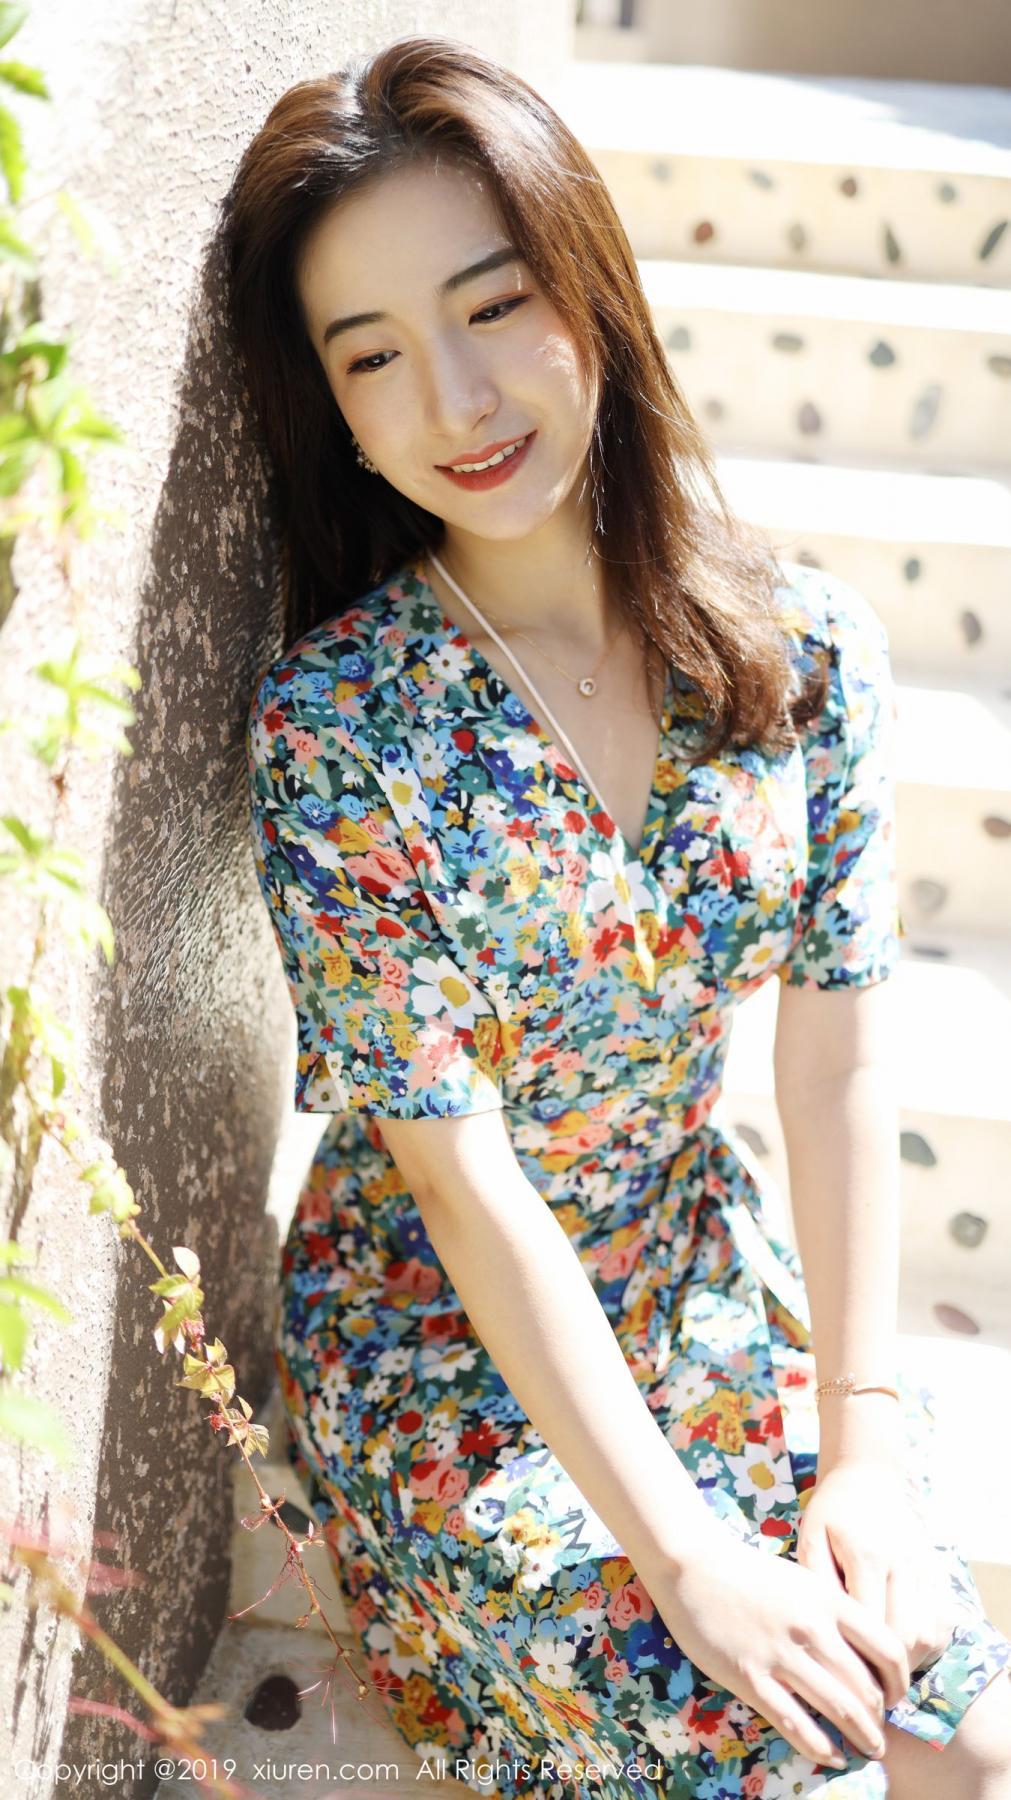 [XiuRen] Vol.1641 Gong Tian Yi 16P, Gong Tian Yi, Pretty, Temperament, Xiuren